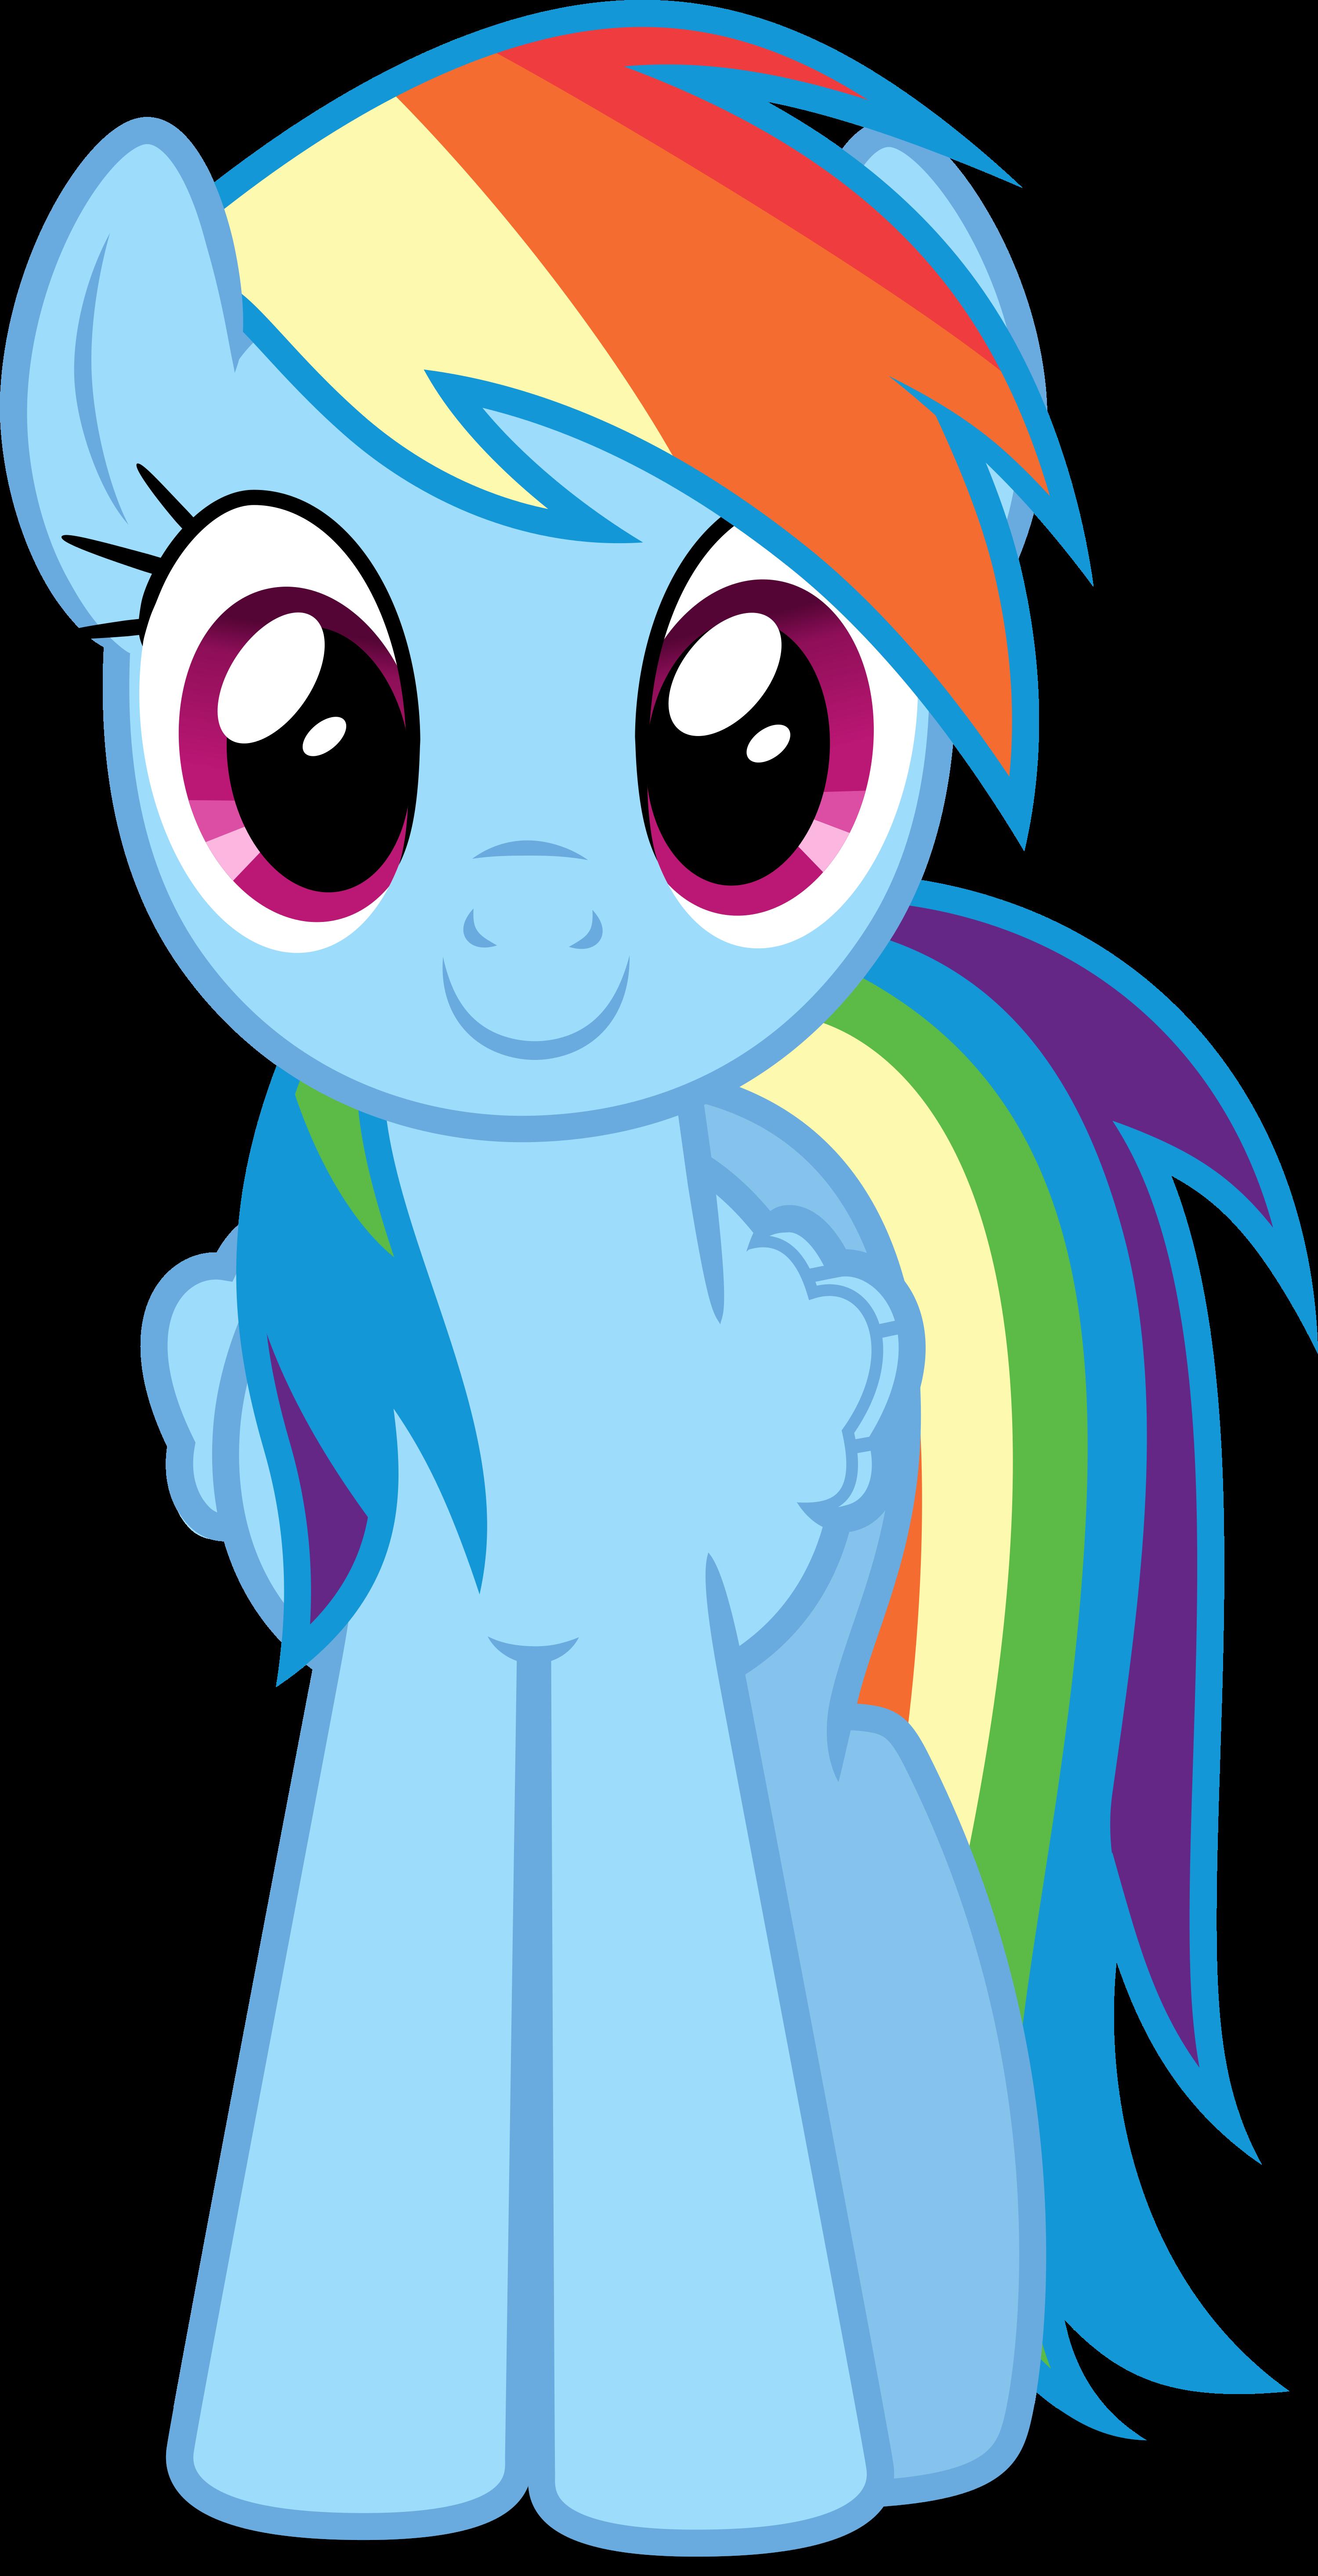 Rainbow Dash Movie Style by Negatif22 on DeviantArt